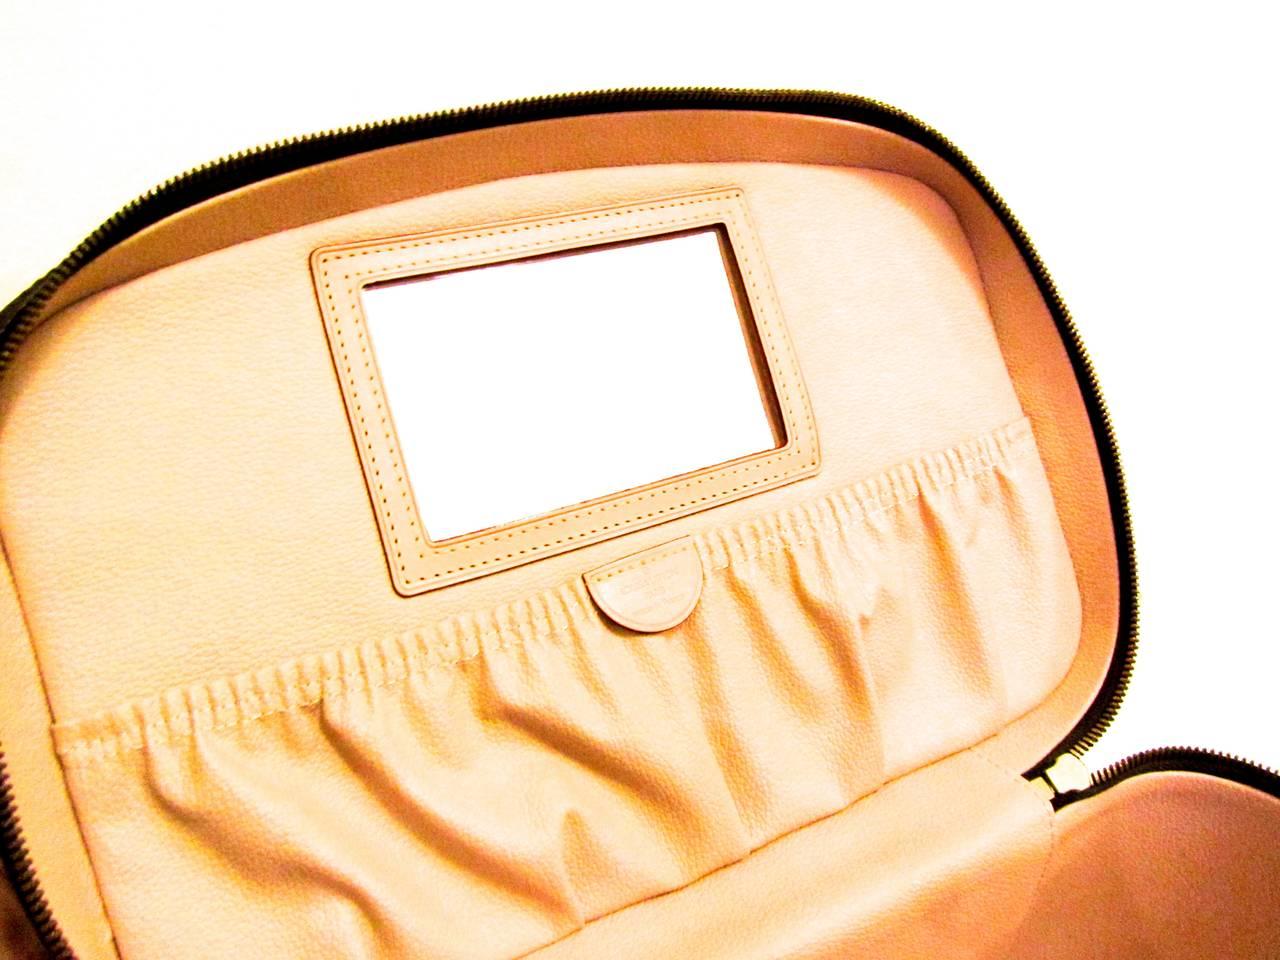 Louis Vuitton Train Case / Traveling Makeup Bag 2